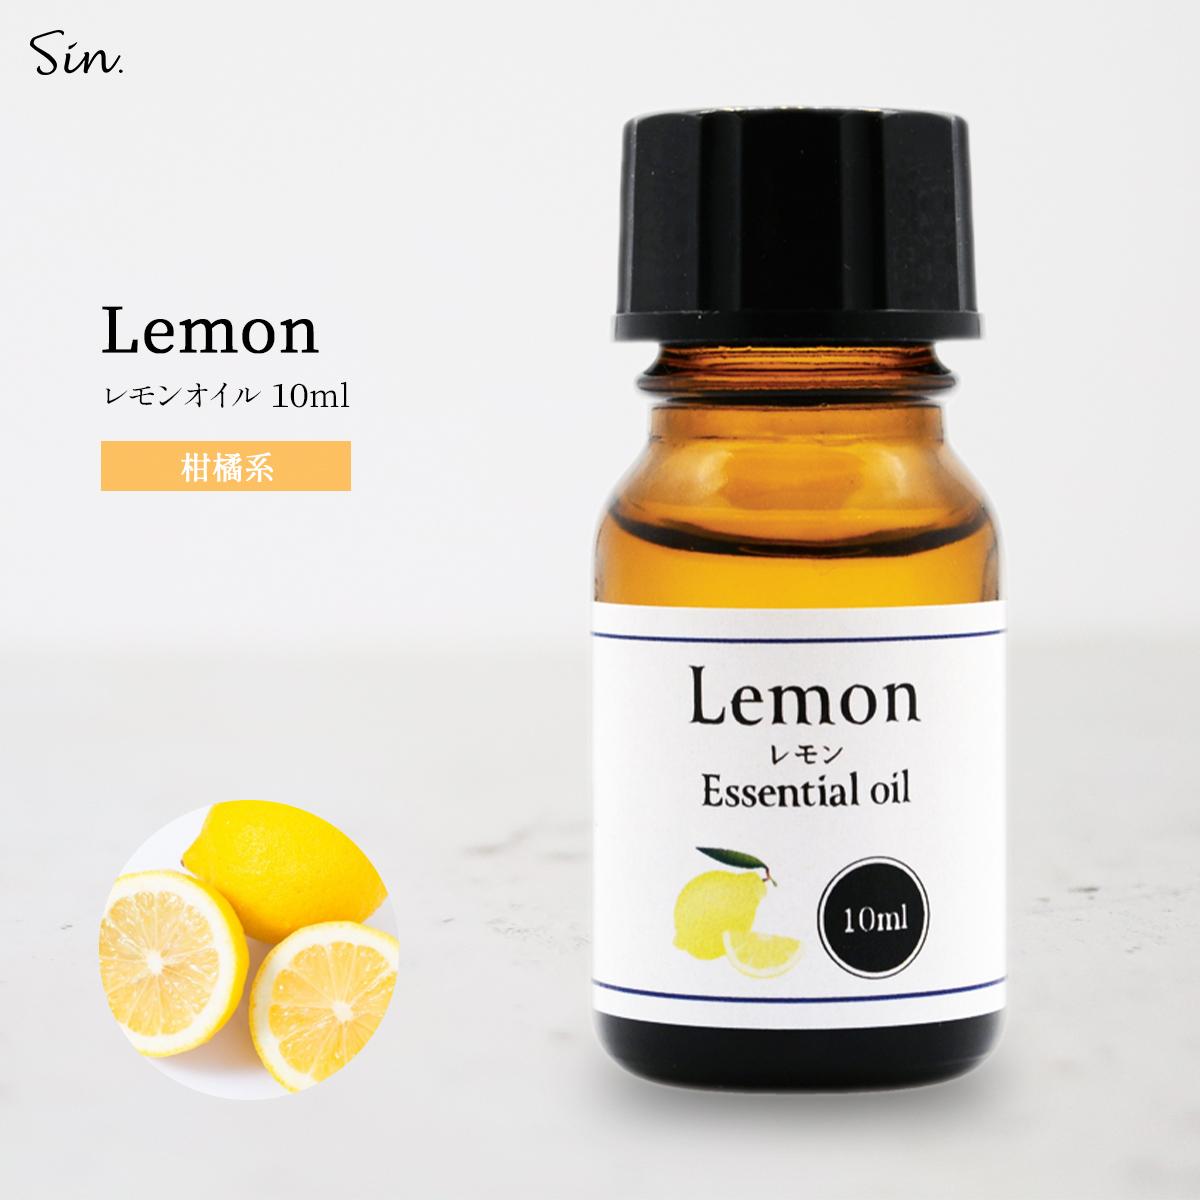 甘く爽やかな柑橘系の香り♪ レモンオイル 10ml 精油 アロマ オイル 天然100% エッセンシャルオイル